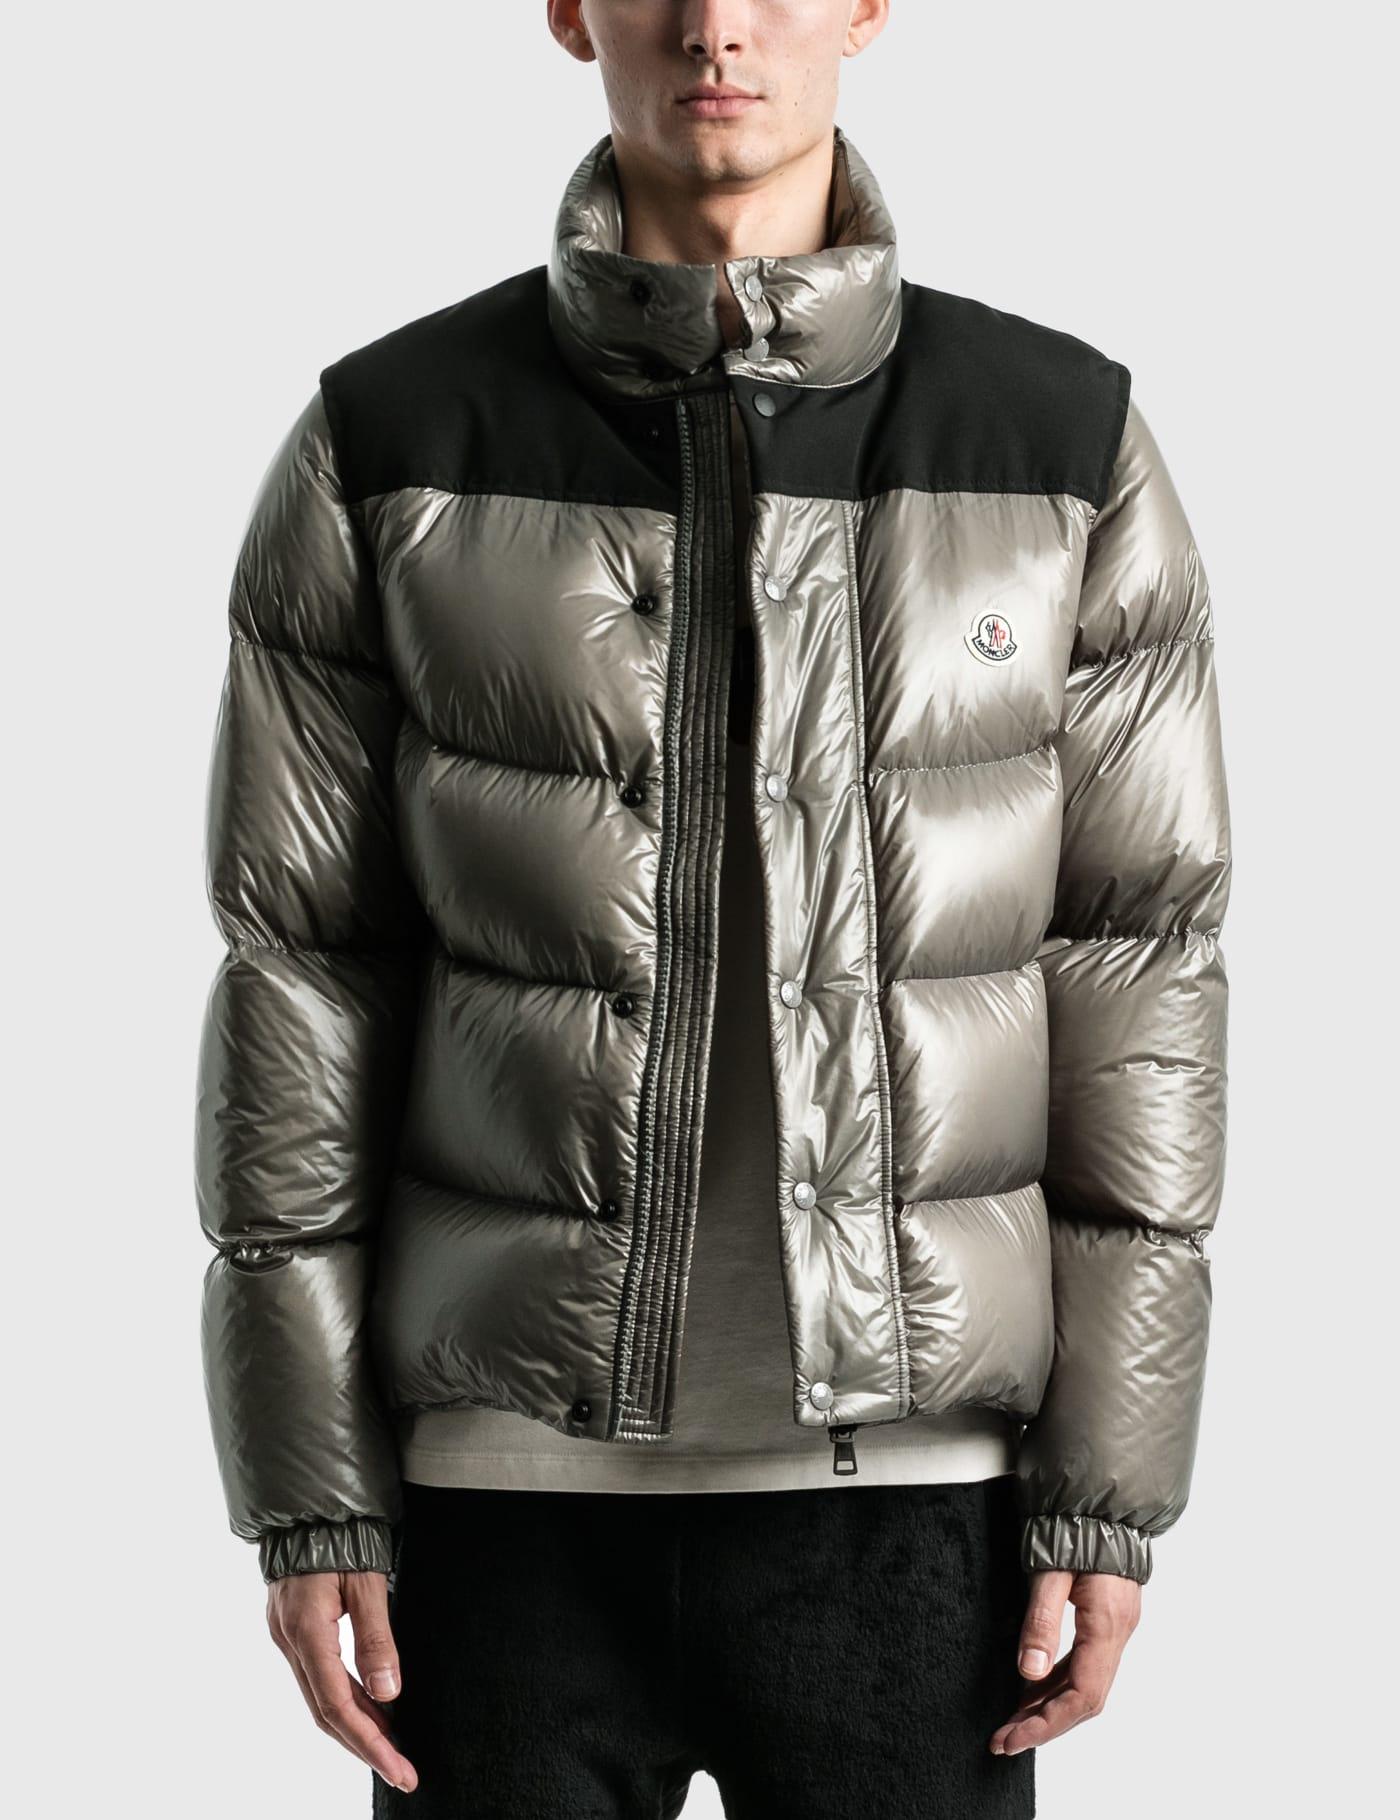 몽클레어 맨 숏패딩 Moncler Leschaux Jacket